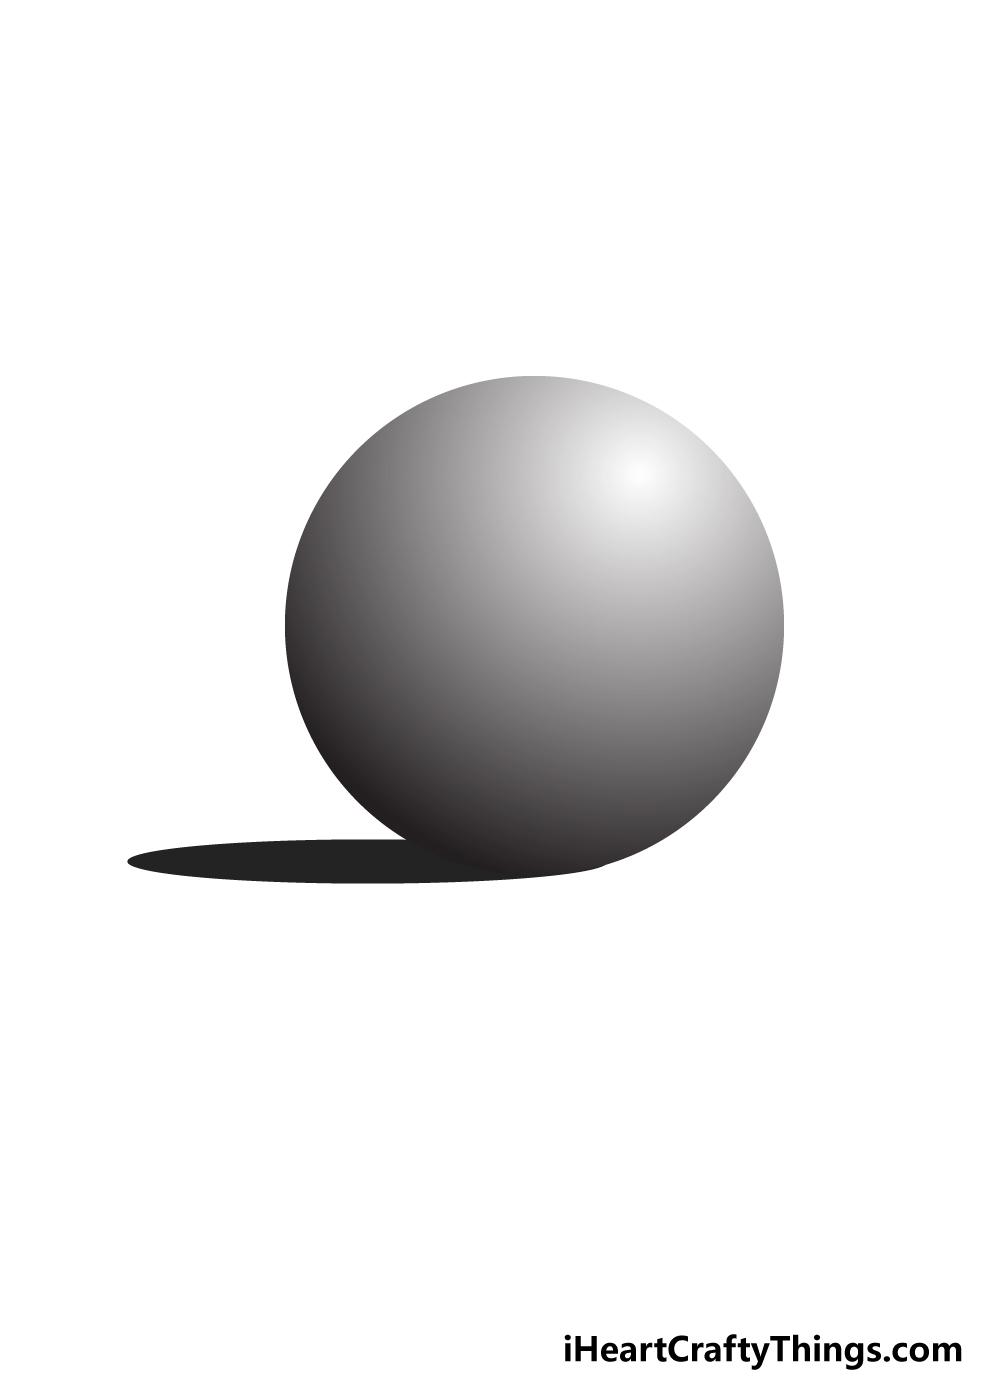 sphere drawing step 6